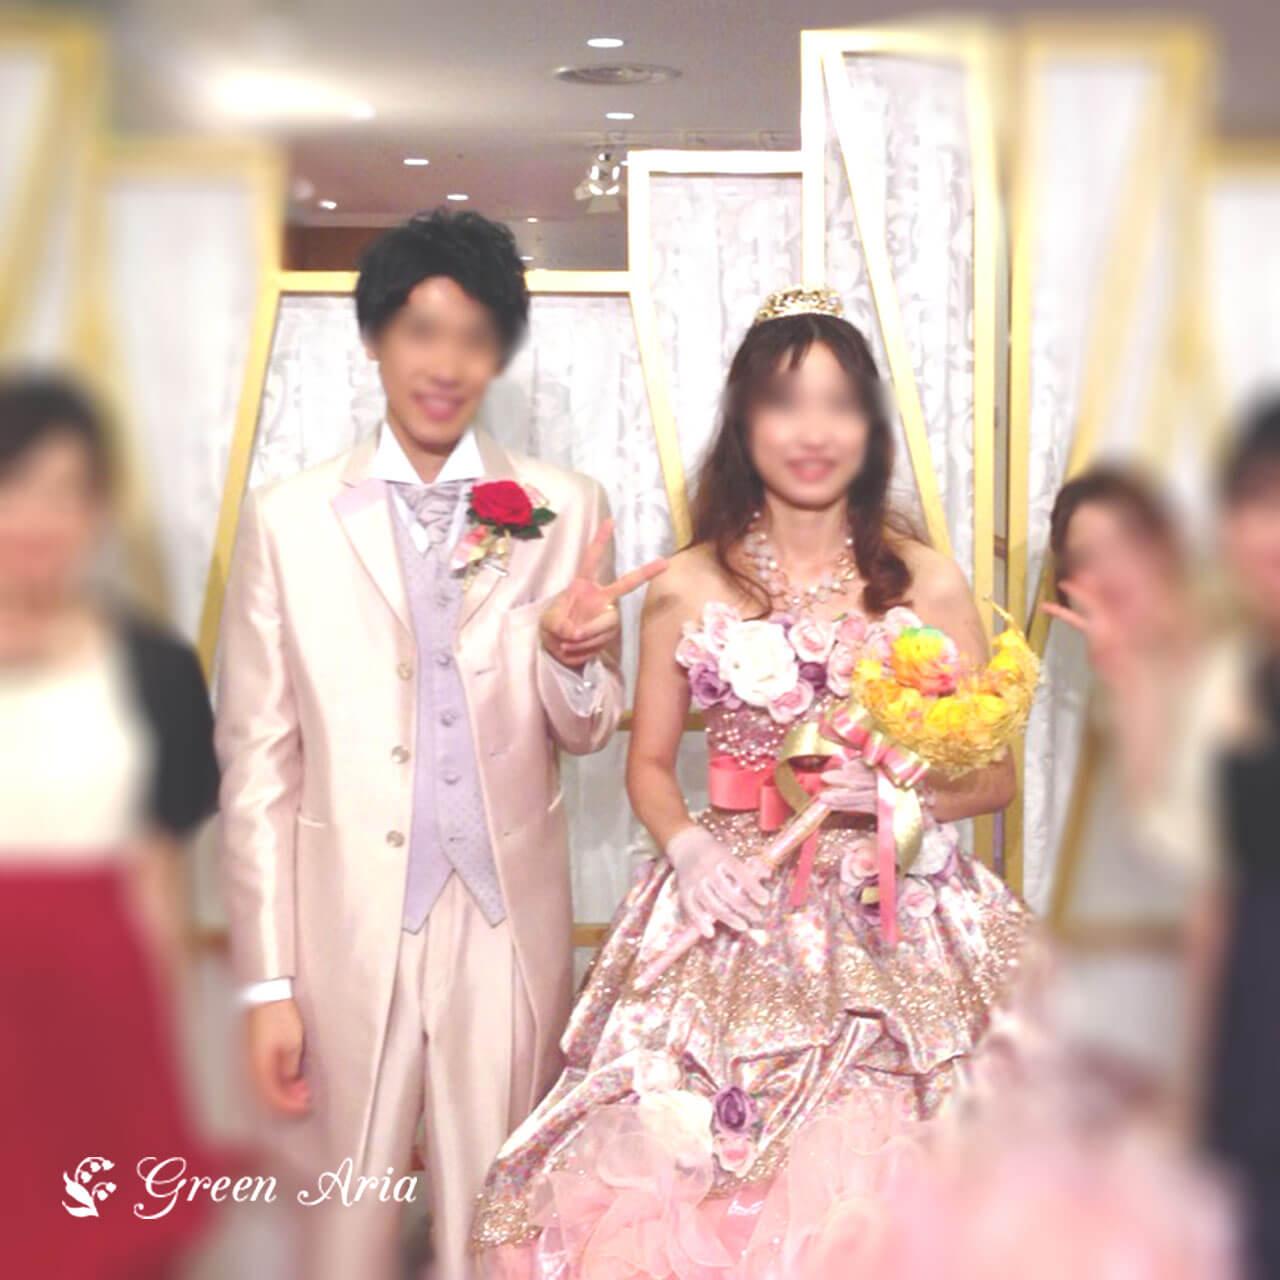 セーラームーンが大好きな新婦様がピンクの光沢のあるドレスにイエローの三日月にスティックが付いたウエディンブーケを持っている。